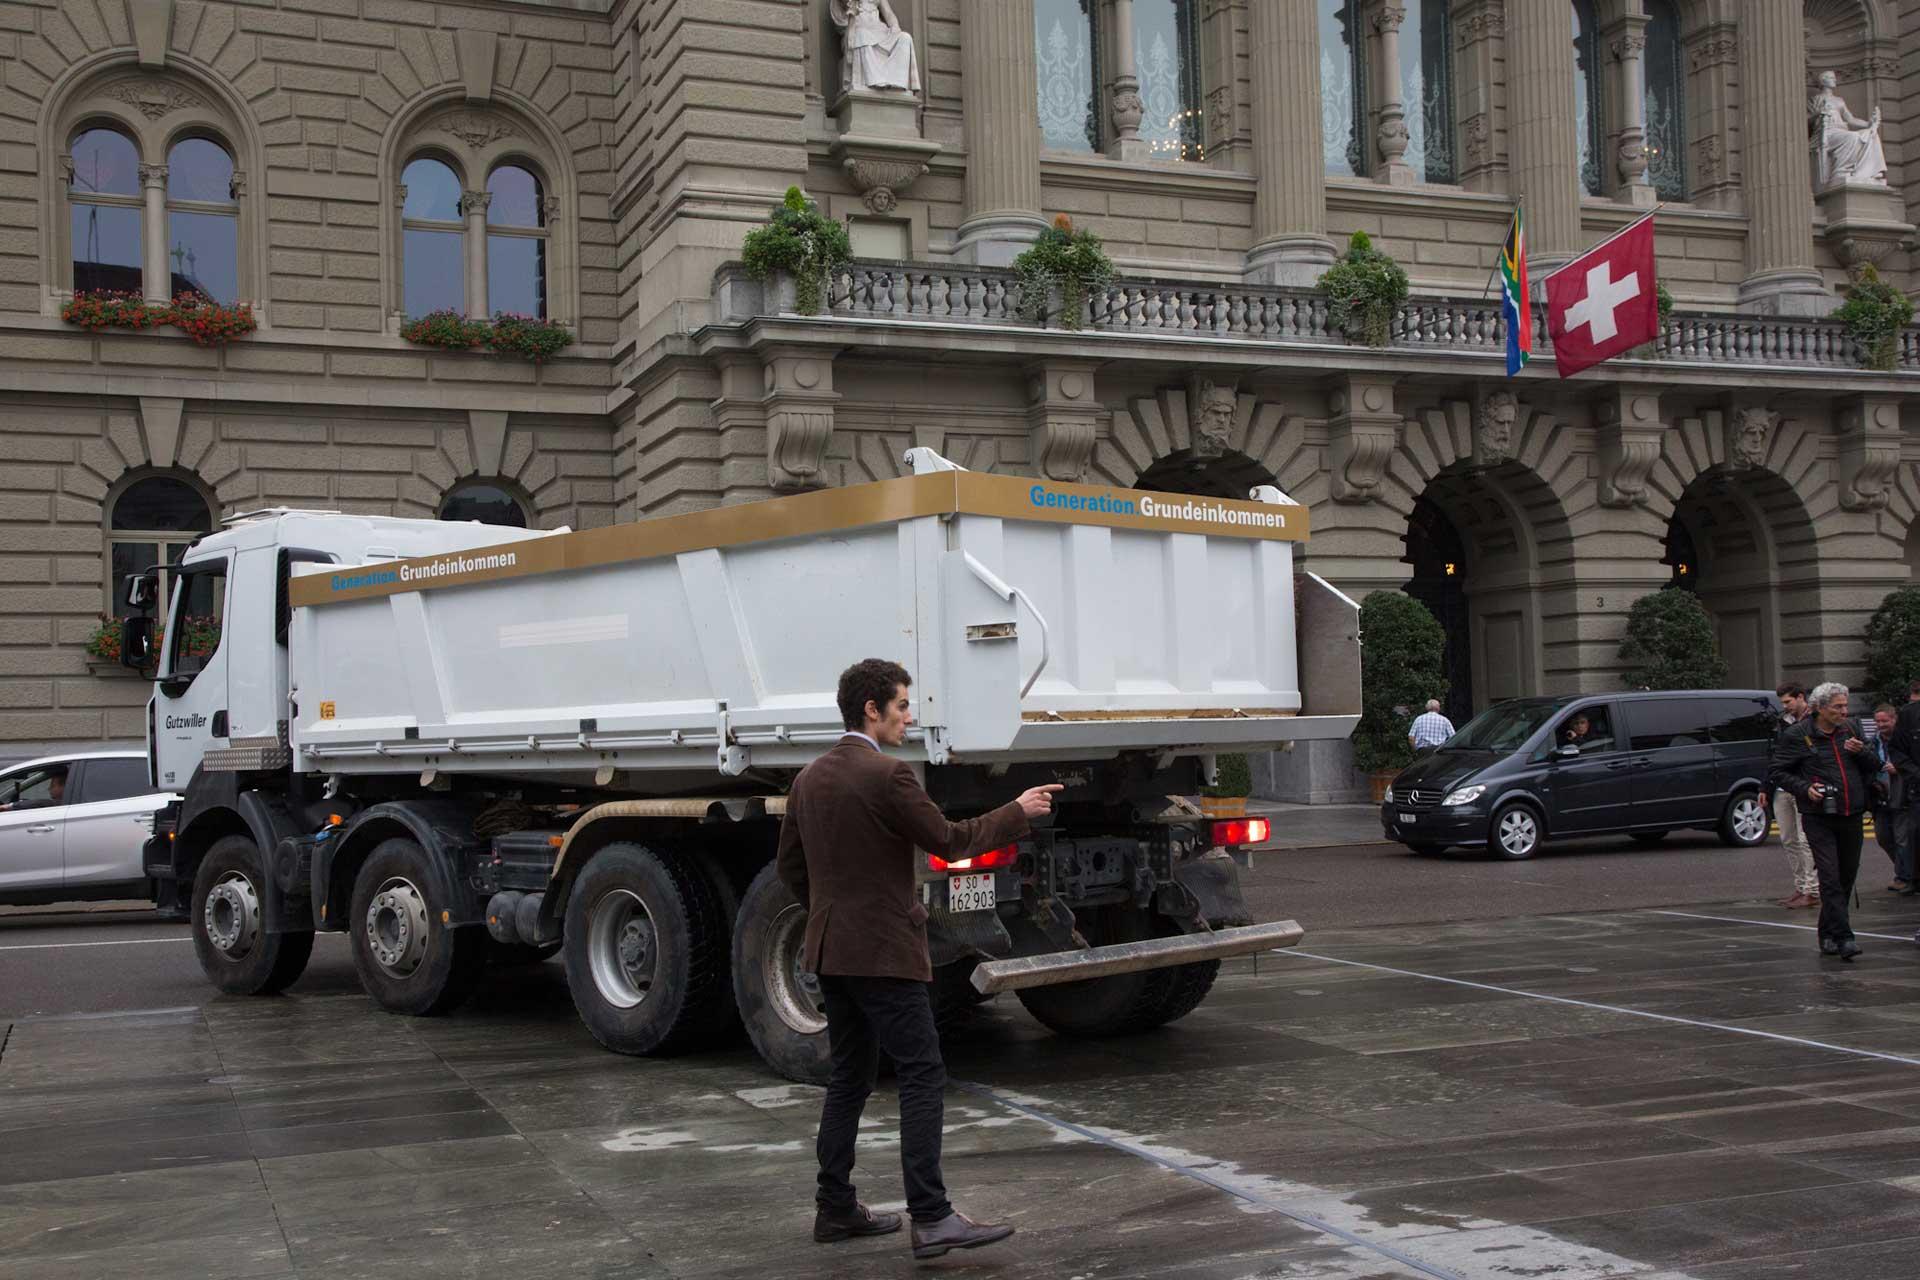 ...vor dem Bundhaus in Bern an. Che Wagner, der die Idee dazu hatte, weisst den Fahrer ein